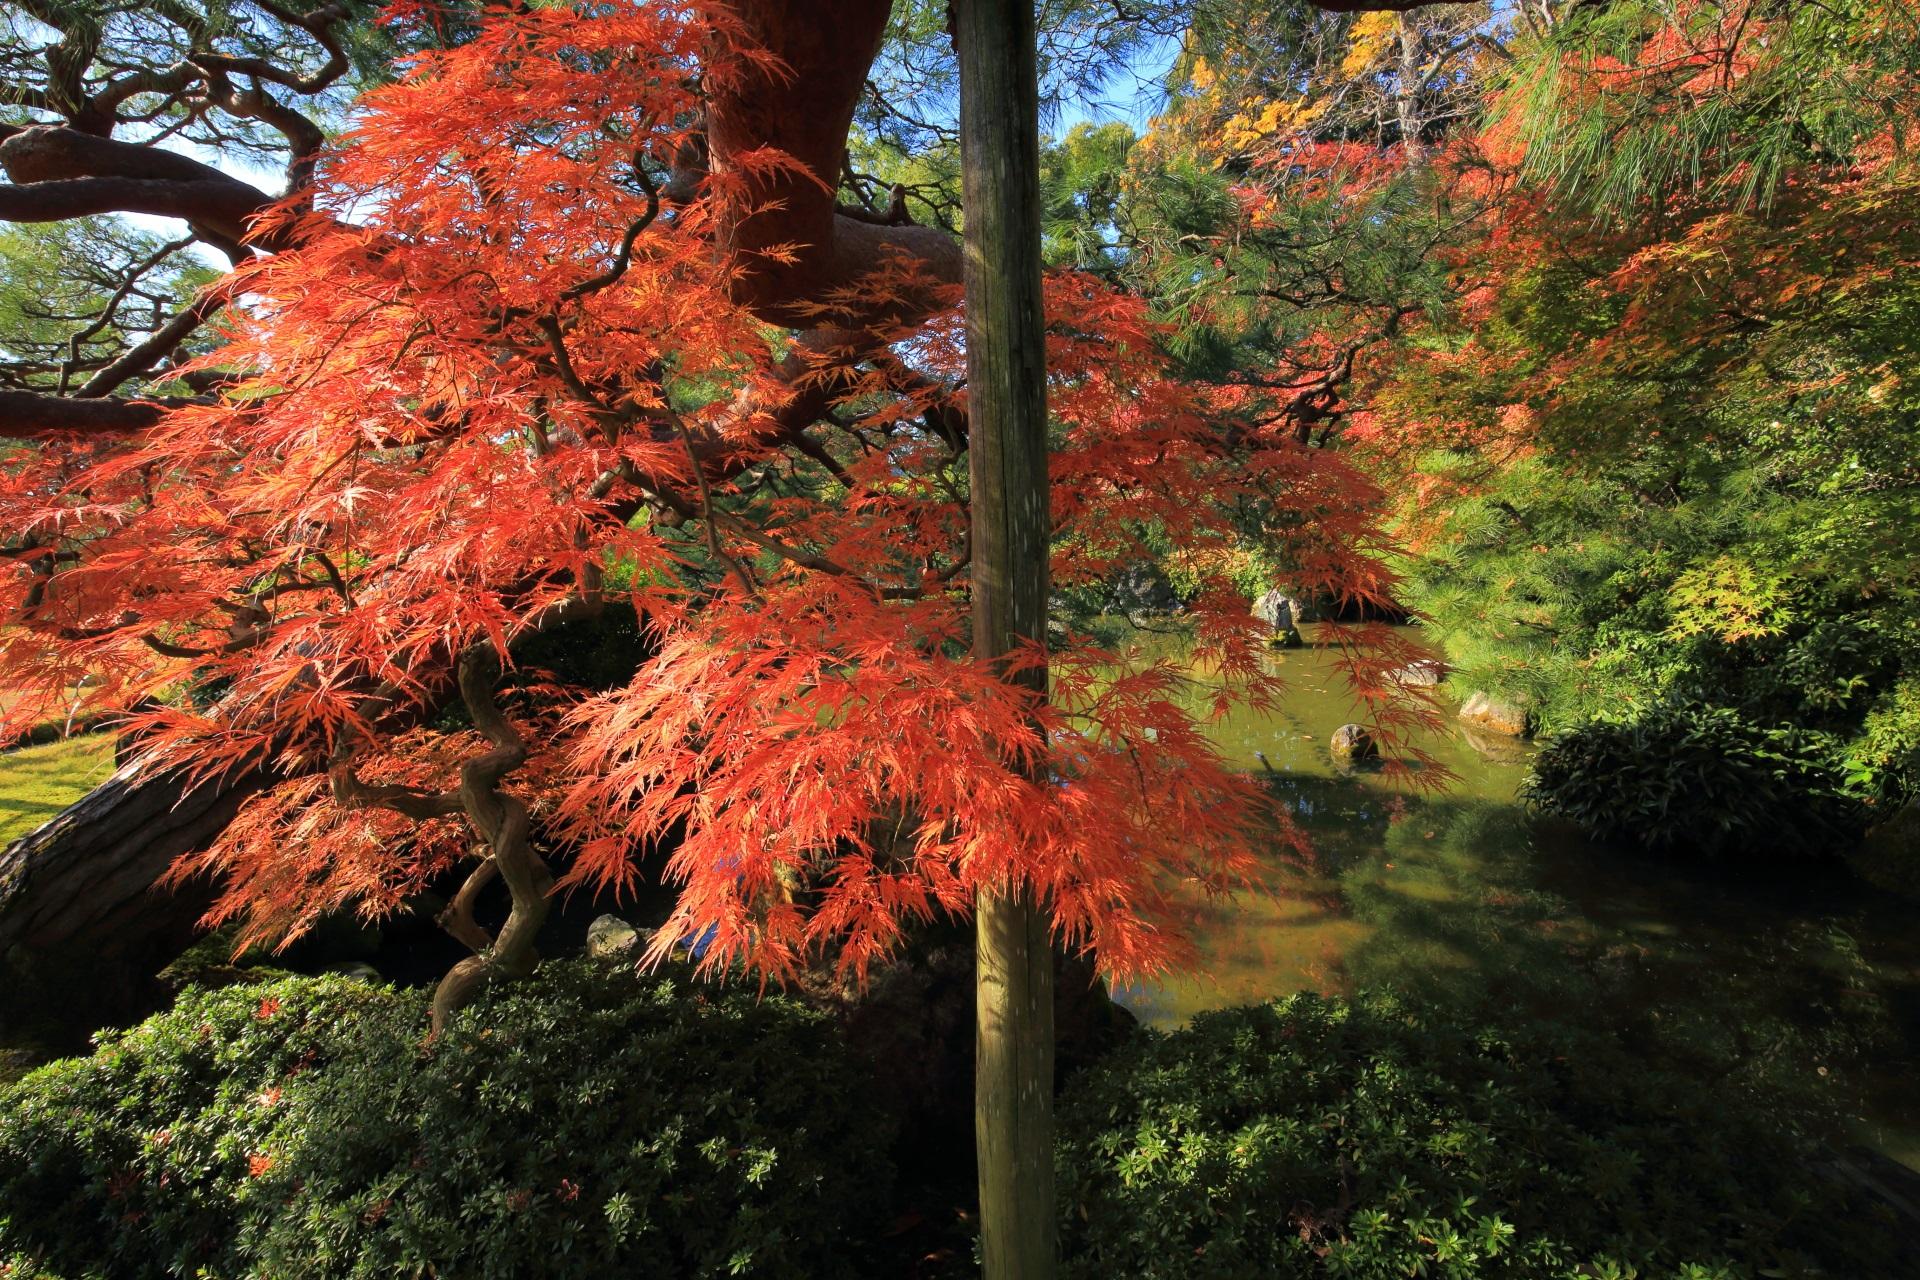 背景や周辺の緑にも映える見事な色合いの紅葉